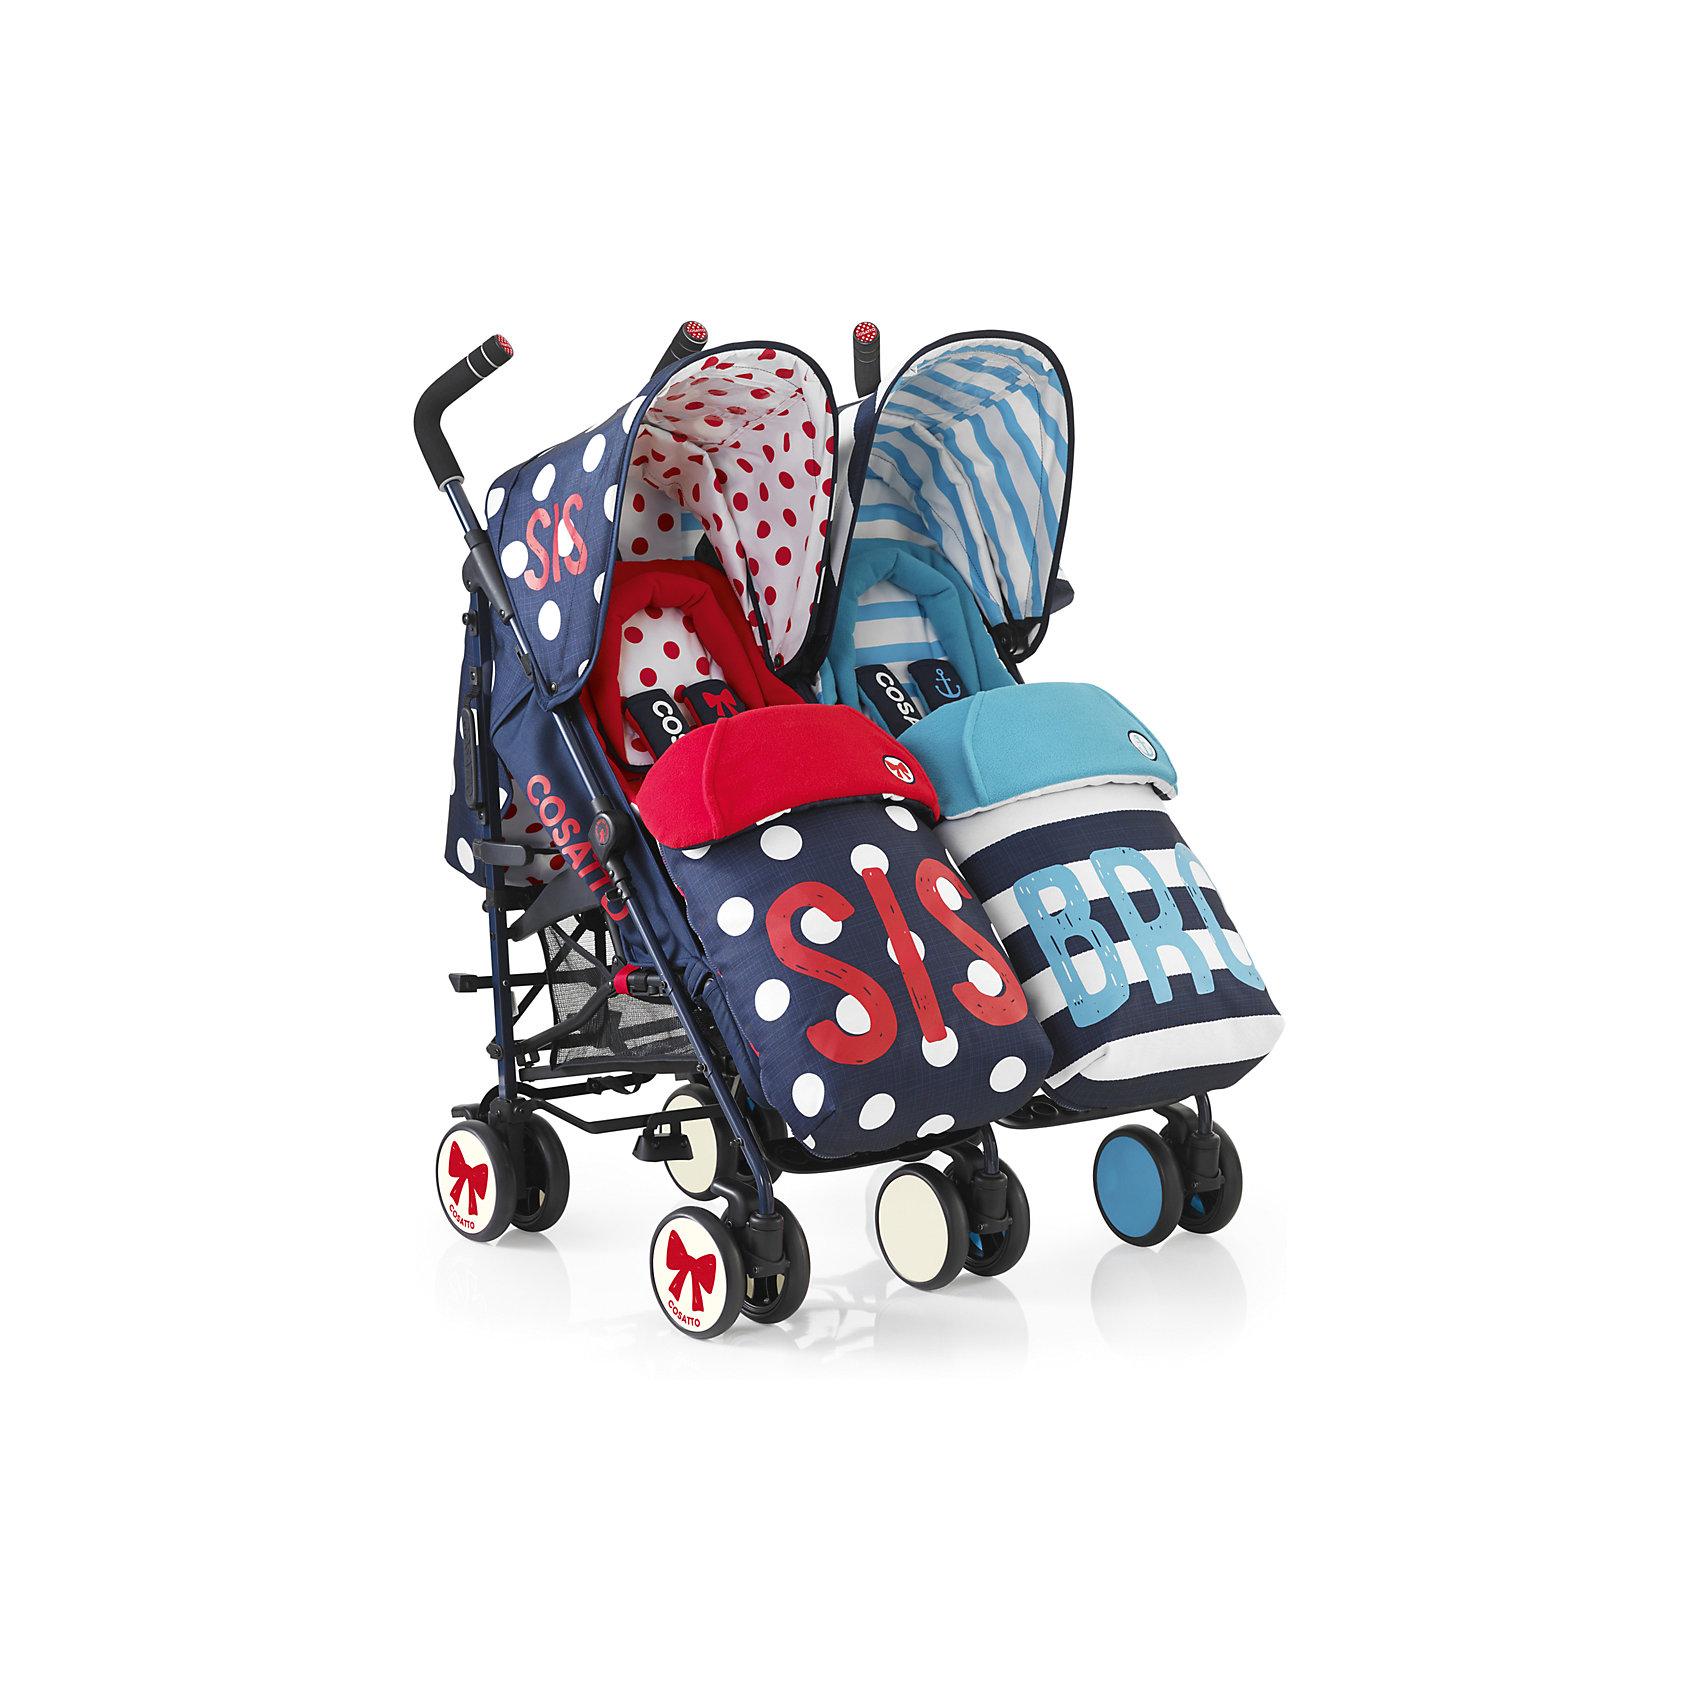 Прогулочная коляска для двойни Supa Dupa Twin, Cosatto, Sis N Bro 4Модные коляски для близнецов – большая редкость. Стильная коляска станет для родителей не только незаменимой вещью, но и стильным аксессуаром. Функциональность, дизайн и маневренность – все это – новая модель от Cosatto. Все материалы, использованные при изготовлении, безопасны и отвечают требованиям по качеству продукции.<br><br>Дополнительные характеристики: <br><br>цвет: Sis N Bro 4;<br>возраст: 6 месяцев – 3 года;<br>регулируемый капюшон;<br>механизм складывания: трость;<br>регулировка спинки;<br>ножной тормоз;<br>пятиточечные ремни безопасности;<br>габариты: 70 х 72 х 103 см;<br>материал шасси: алюминий;<br>материал блока: текстиль, пластик;<br>комплектация: блок для прогулок, складывающиеся шасси, корзина для хранения, подголовник, подстаканник, защита от дождя и солнца, регулируемая ручка, конверт - муфта.<br><br>Прогулочную коляску для двойни SUPA DUPA TWIN от компании Cosatto можно приобрести в нашем магазине.<br><br>Ширина мм: 1070<br>Глубина мм: 450<br>Высота мм: 300<br>Вес г: 19000<br>Возраст от месяцев: 6<br>Возраст до месяцев: 36<br>Пол: Унисекс<br>Возраст: Детский<br>SKU: 5025718